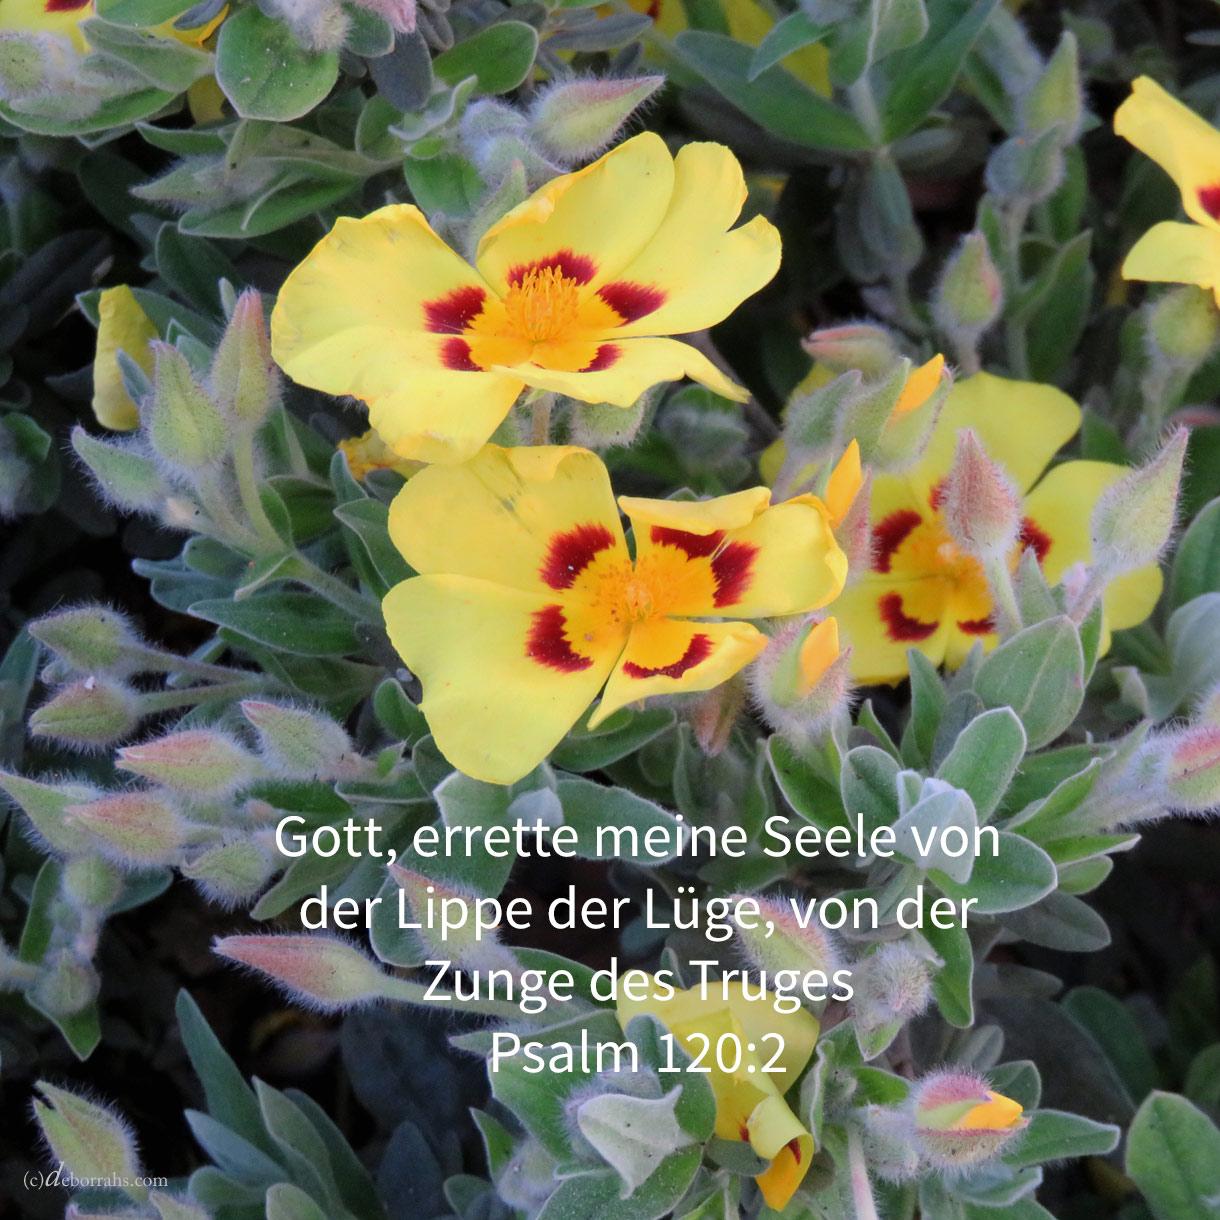 Jehova, errette meine Seele von der Lippe der Lüge, von der Zunge des Truges! ( Ps 120,2 )